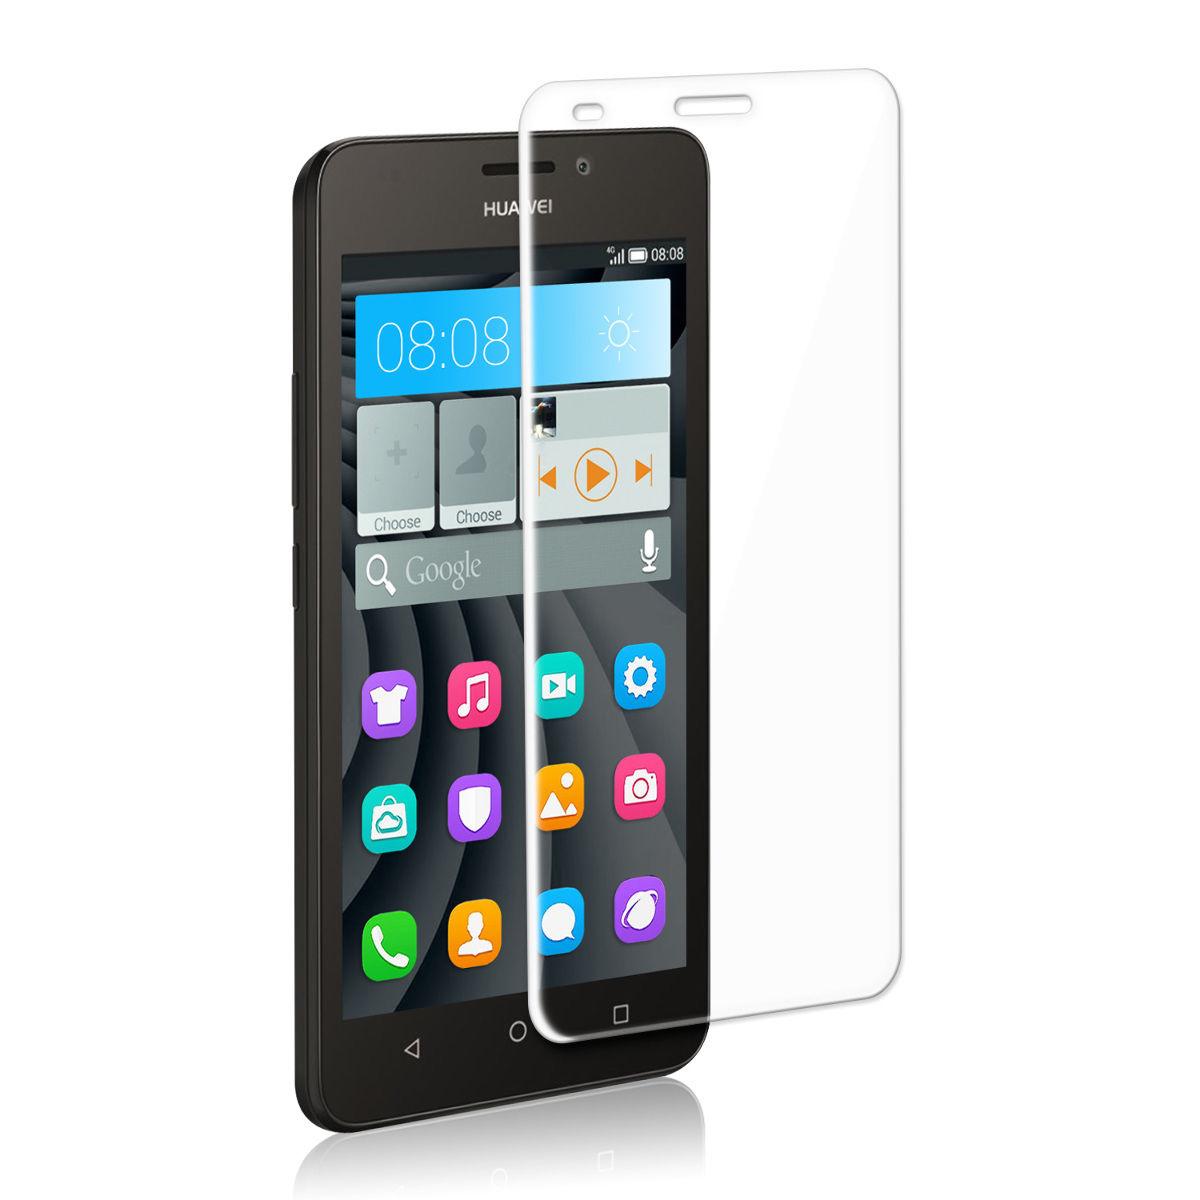 Ochranné tvrzené sklo na mobil Huawei Y635 (Tvrzenné ochranné sklo HUAWEI ASCEND Y635)